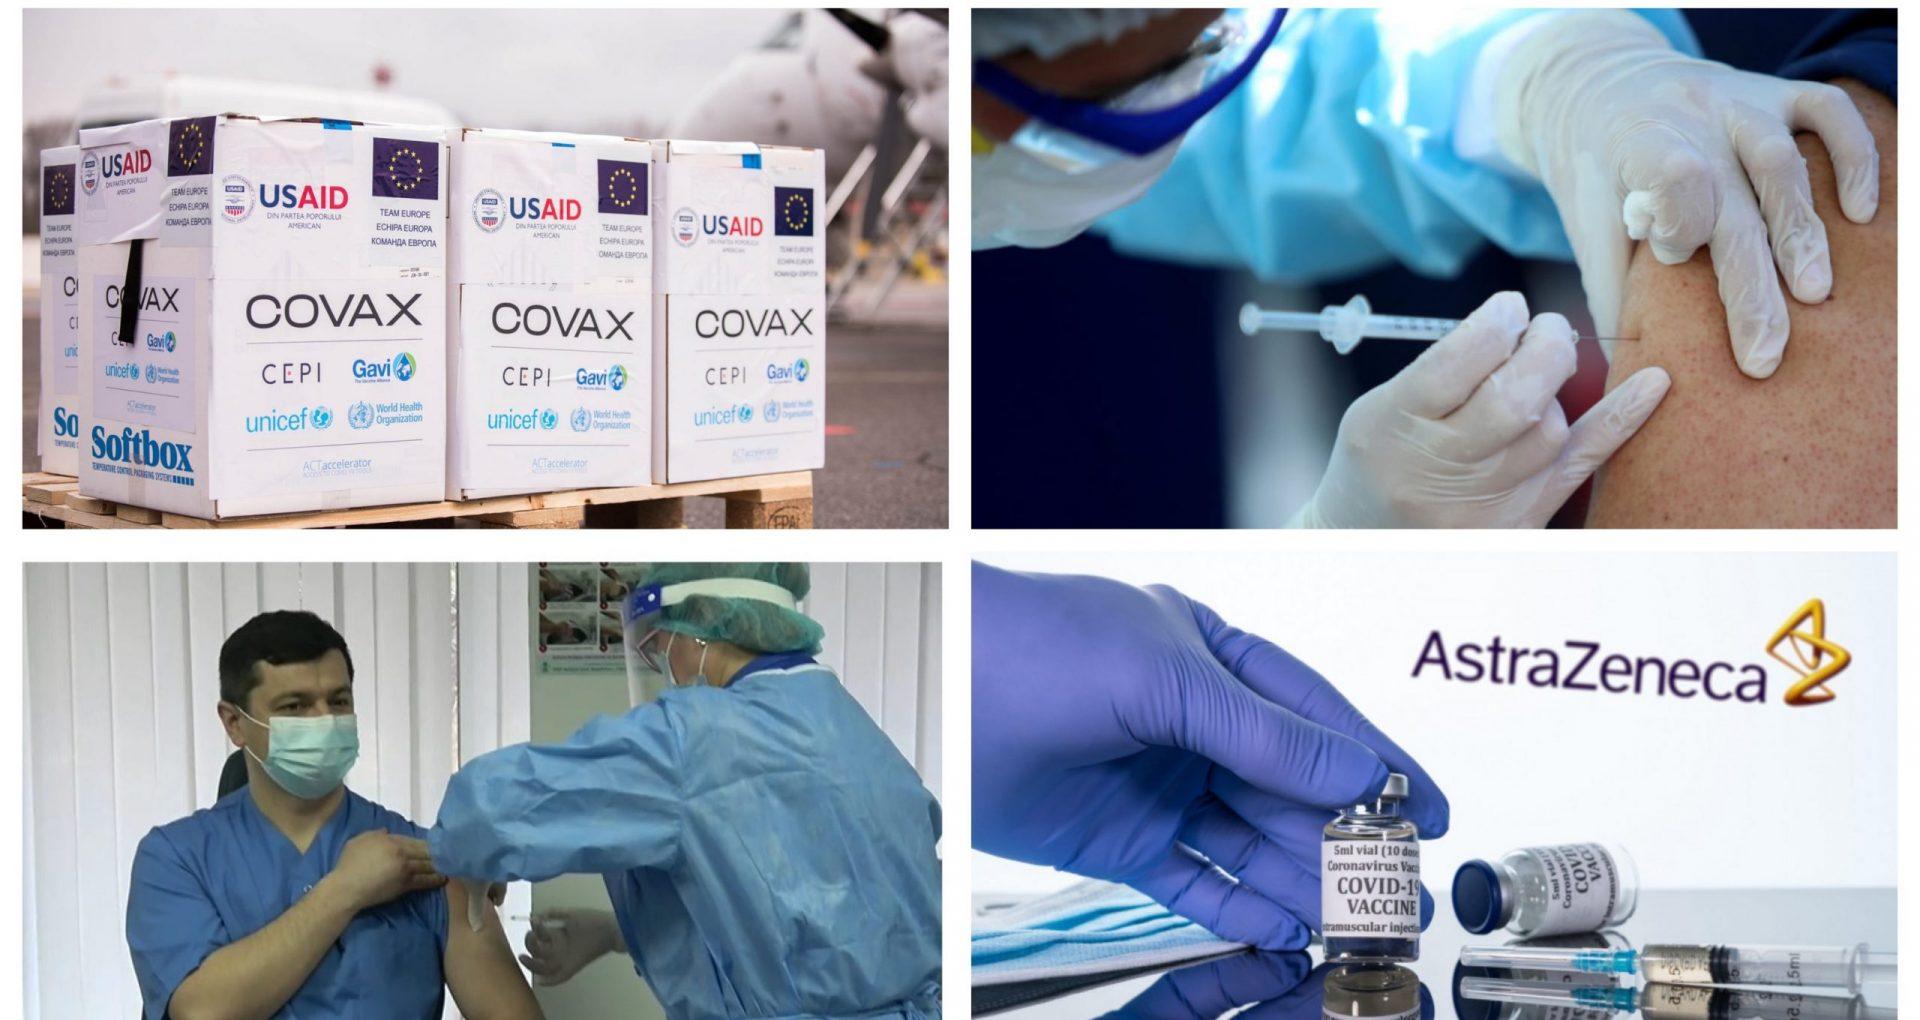 """VIDEO/ În R. Moldova, campania de vaccinare împotriva COVID-19 decurge lent. Cum explică autoritățile din sănătate lentoarea acestui proces: """"Nu avem suficiente vaccinuri"""""""